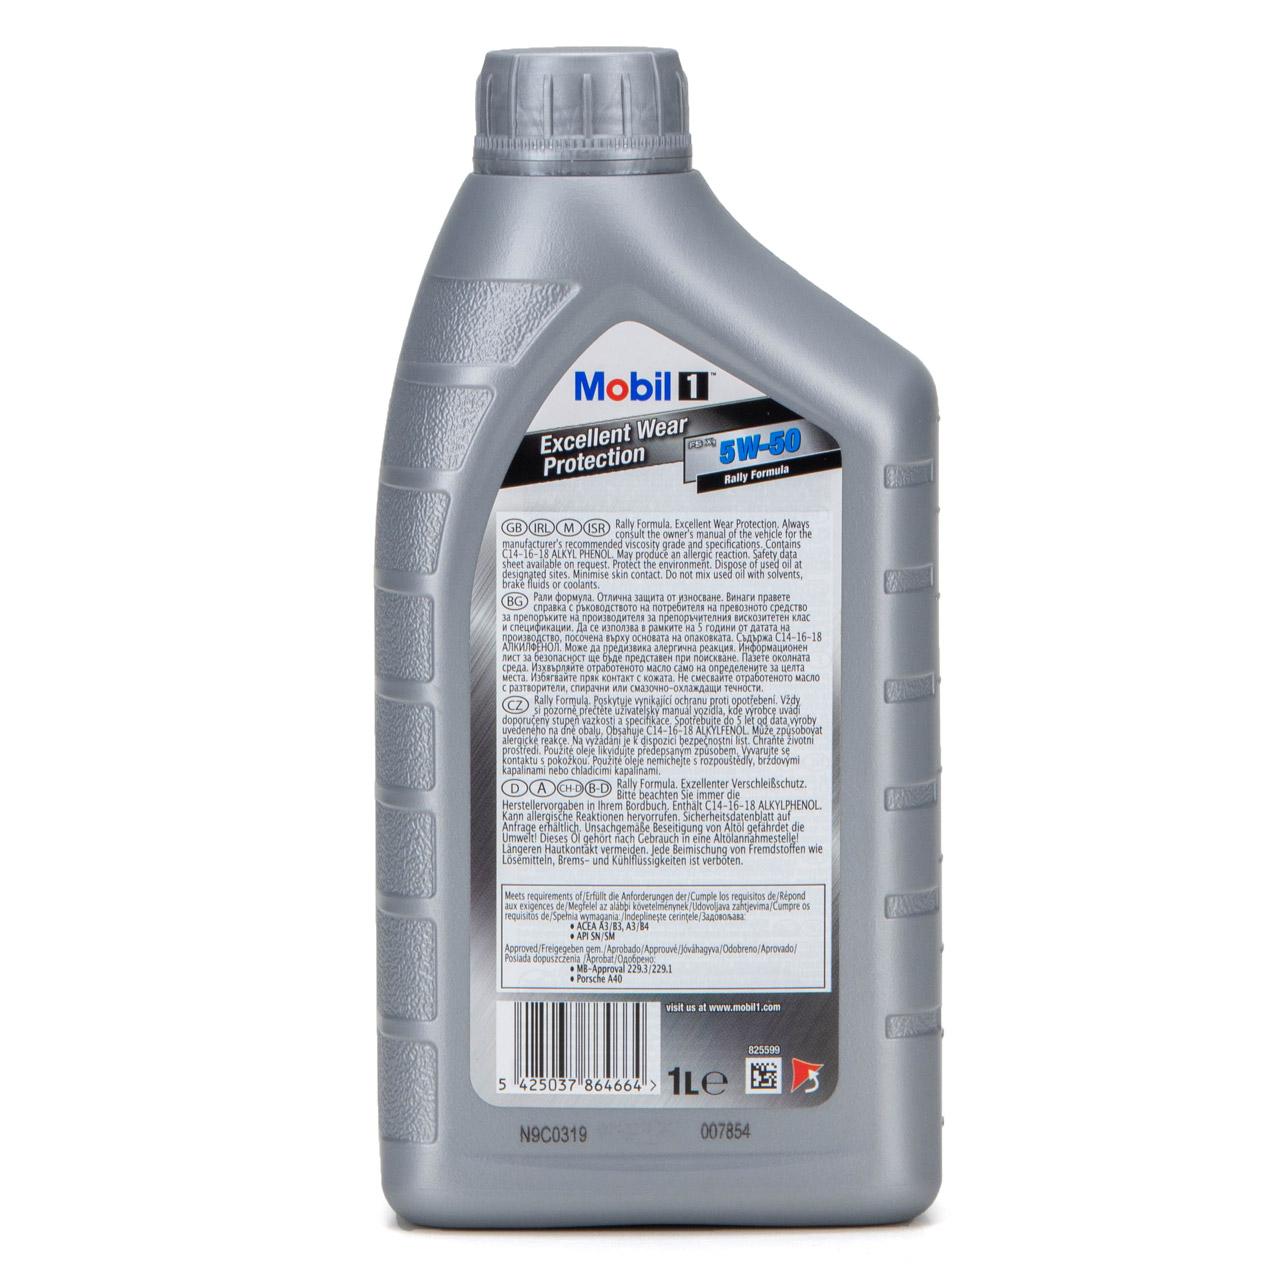 Mobil 1 FS X1 Motoröl Öl 5W-50 5W50 PORSCHE A40 MB 229.3 / 229.1 - 1L 1 Liter